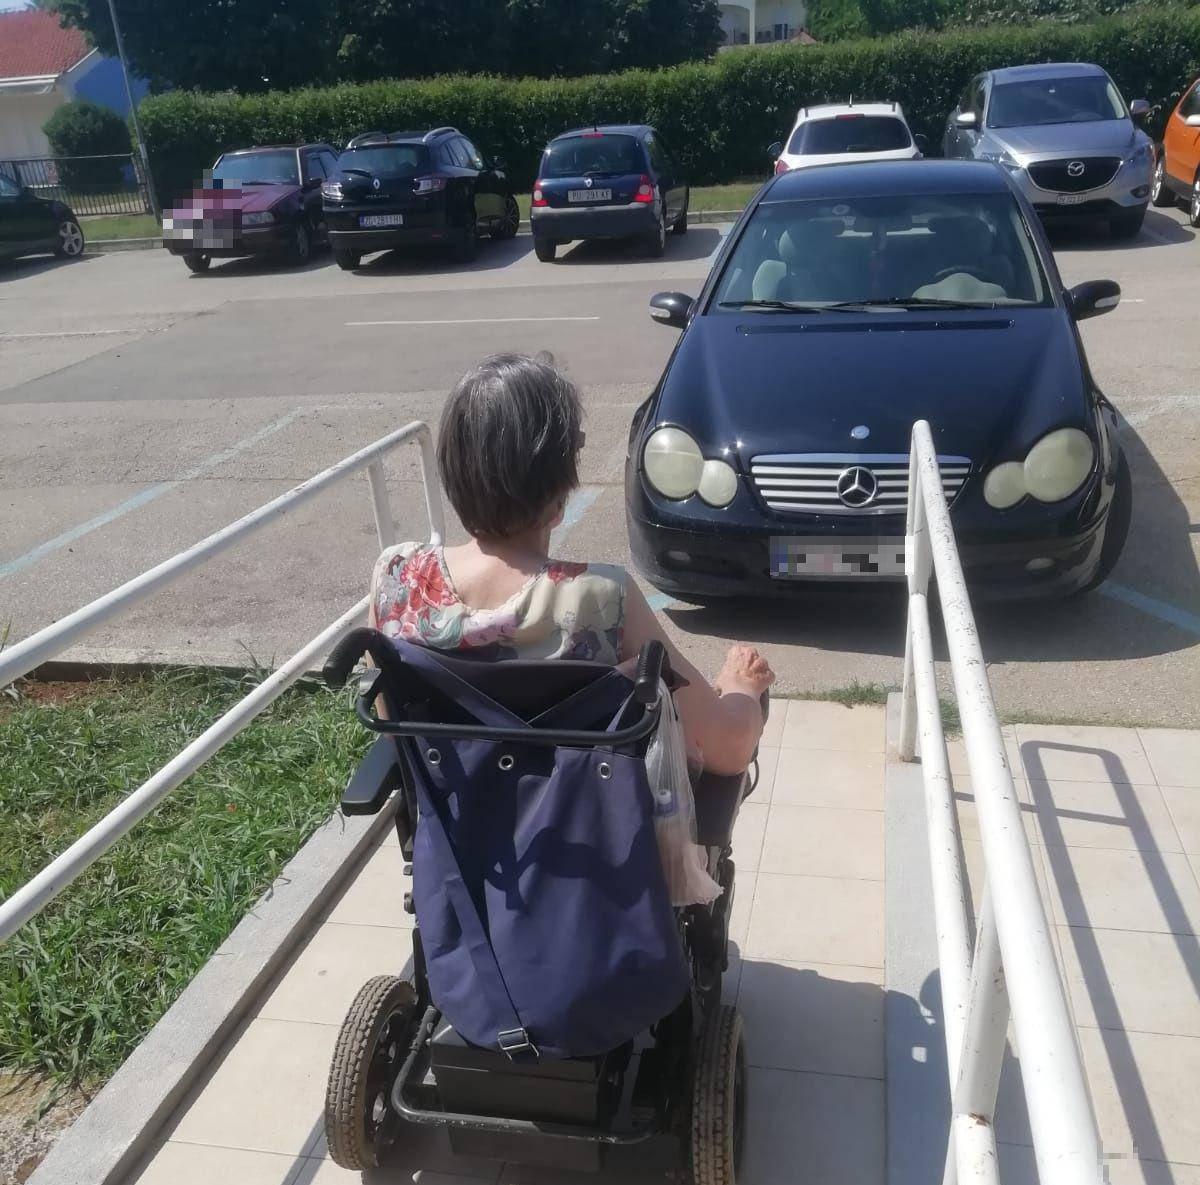 Merđom blokirao rampu, žena u kolicima jedva uspjela proći